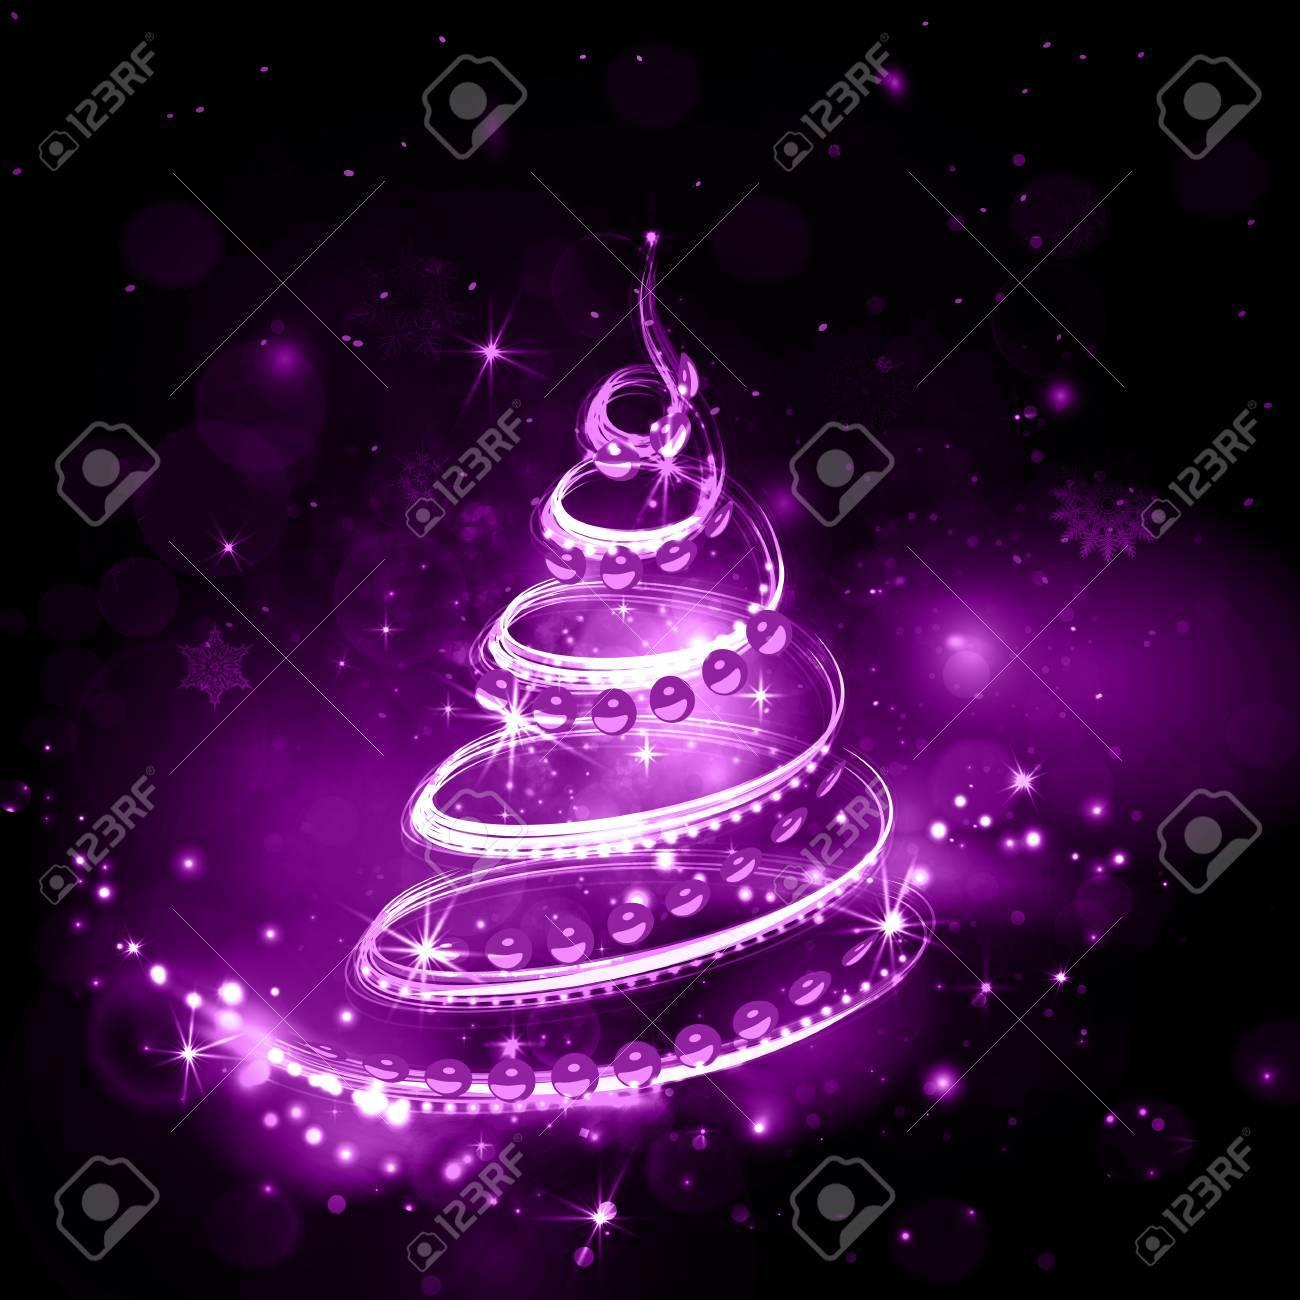 Immagini Glitterate Di Natale.Albero Di Natale Su Sfondo Di Notte Di Vacanza In Tonalita Viola Con Glitter Lucido E Brillante Esplosione Cielo Notturno Con Le Stelle E Fuochi